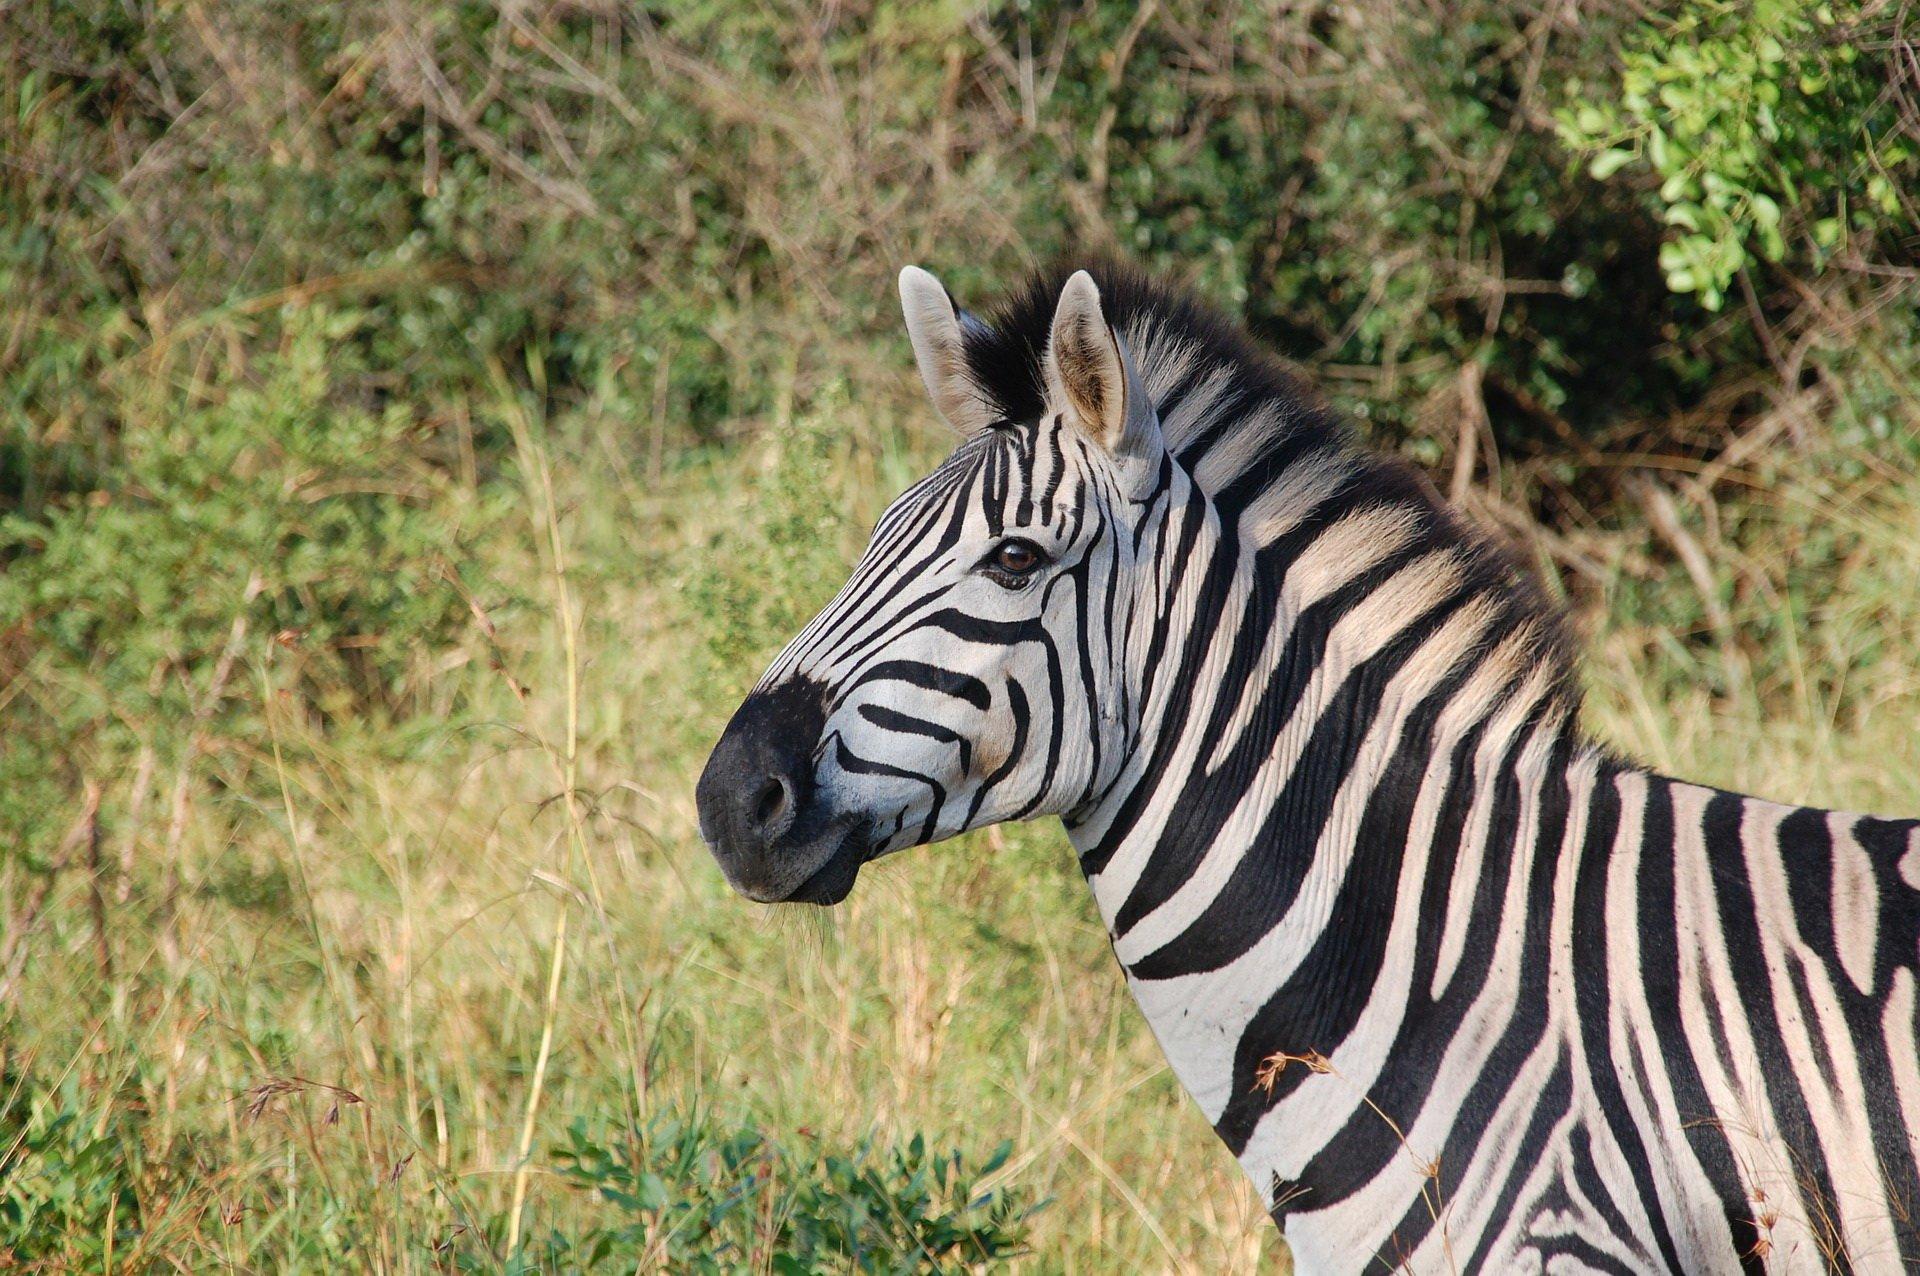 Zagadki o zwierzętach egzotycznych z odpowiedziami zebra